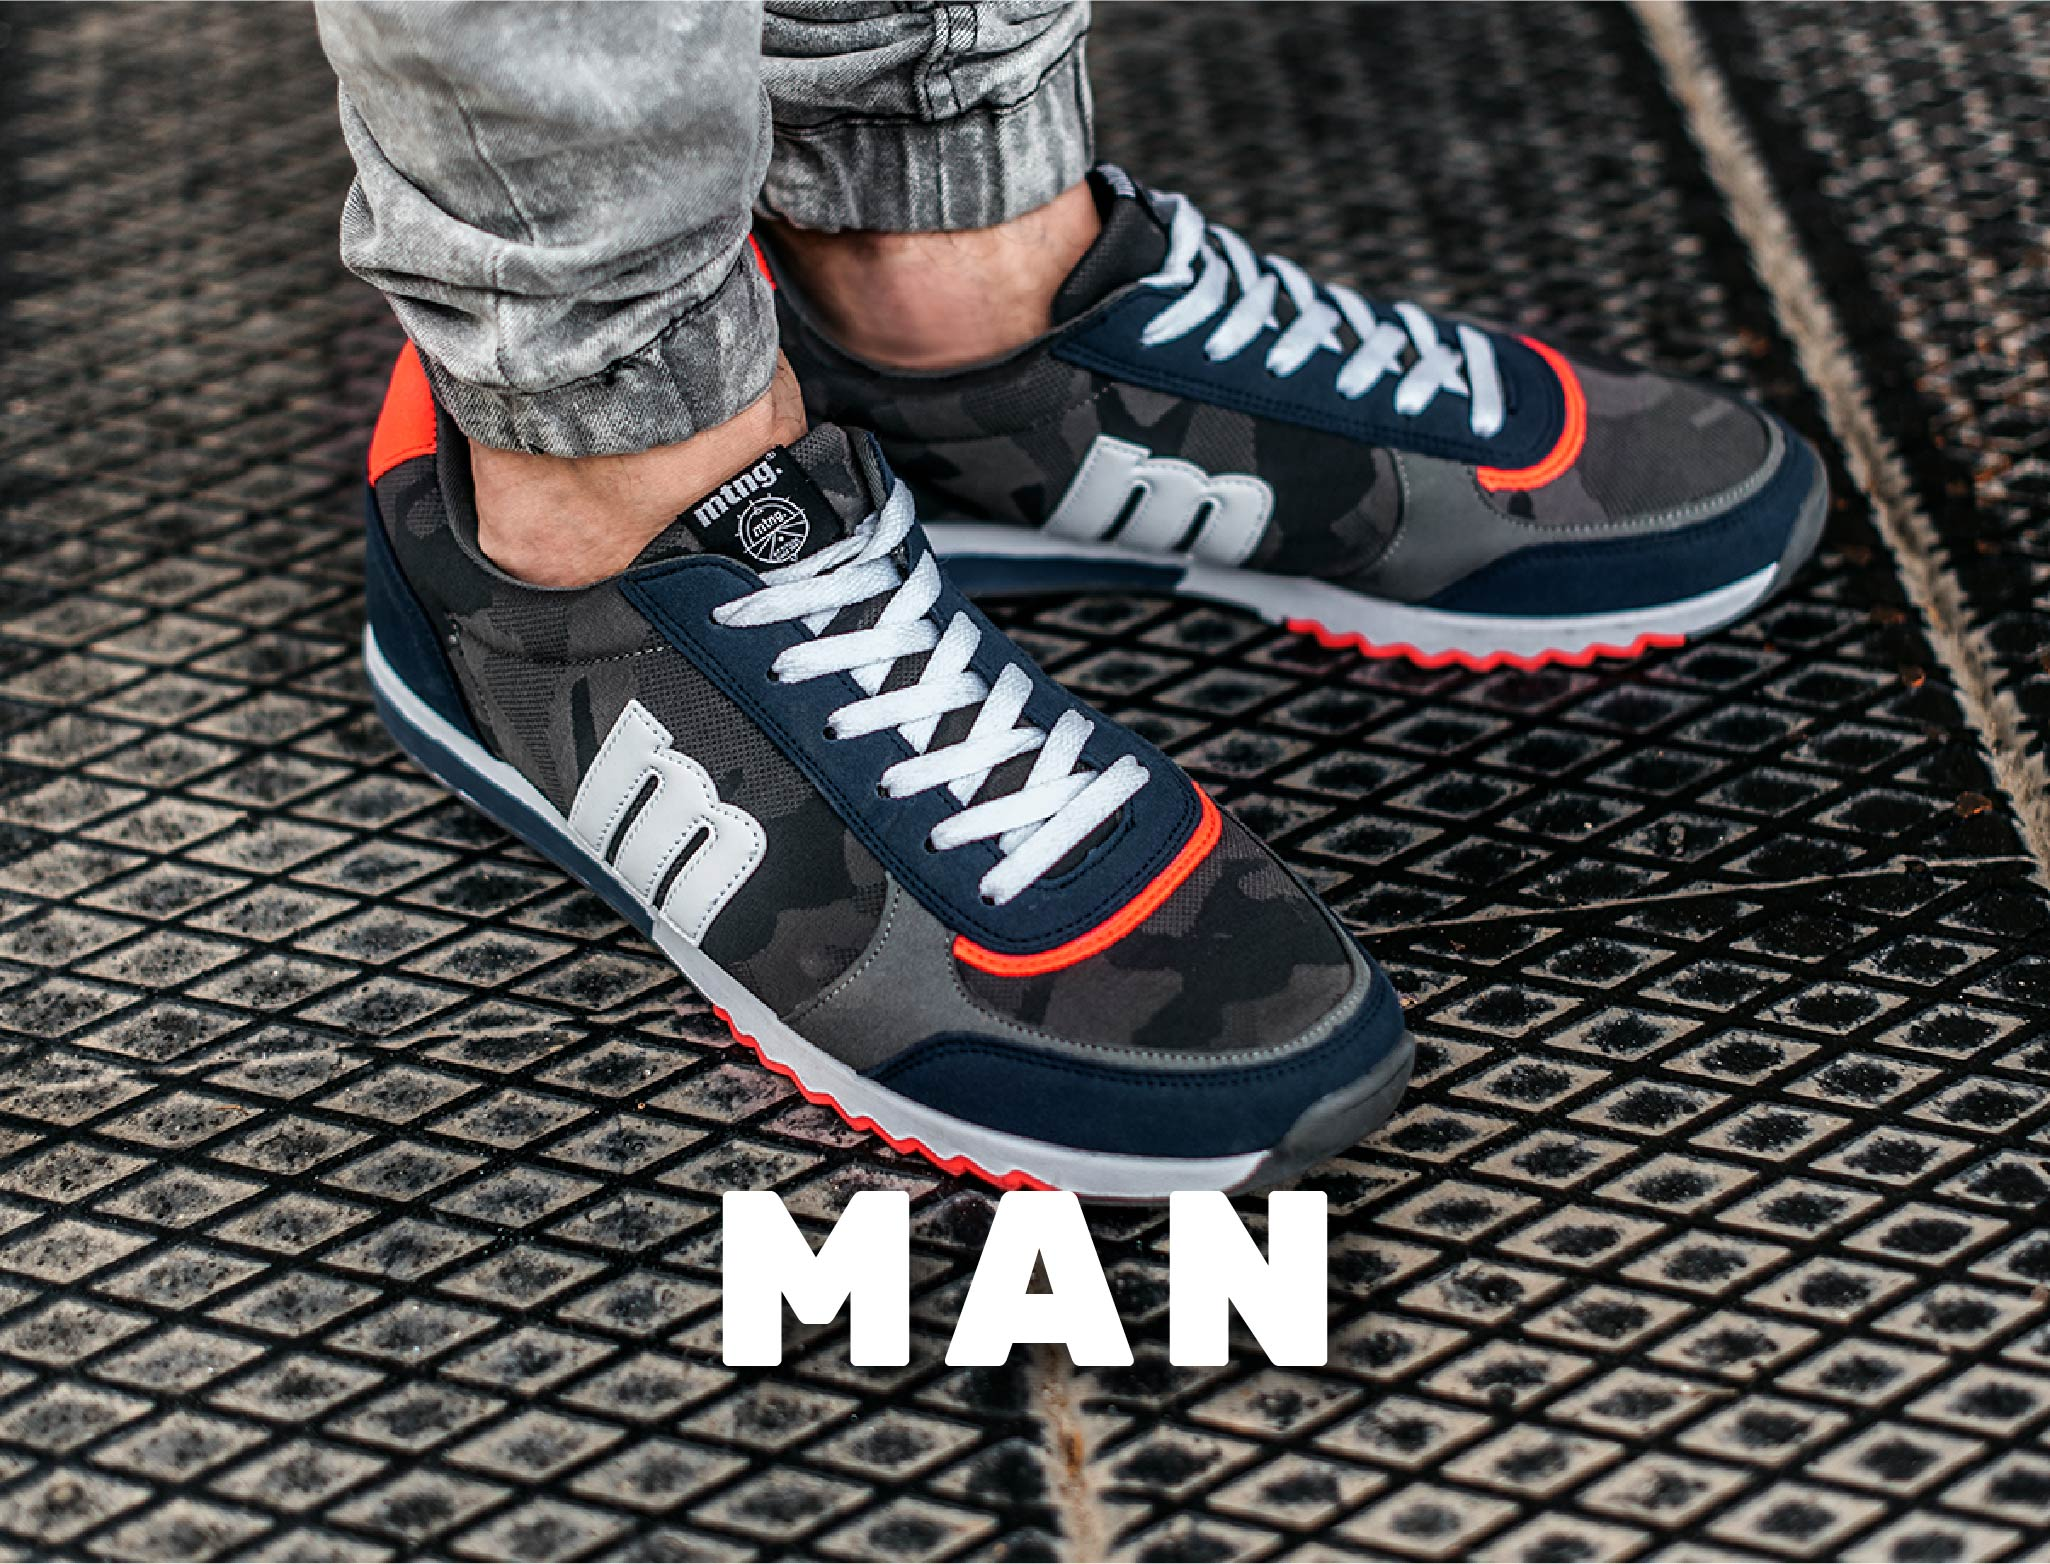 más 000 1 complementos resultados de para de y Tienda Zapatos MTNG 1 48 SqXBpxE